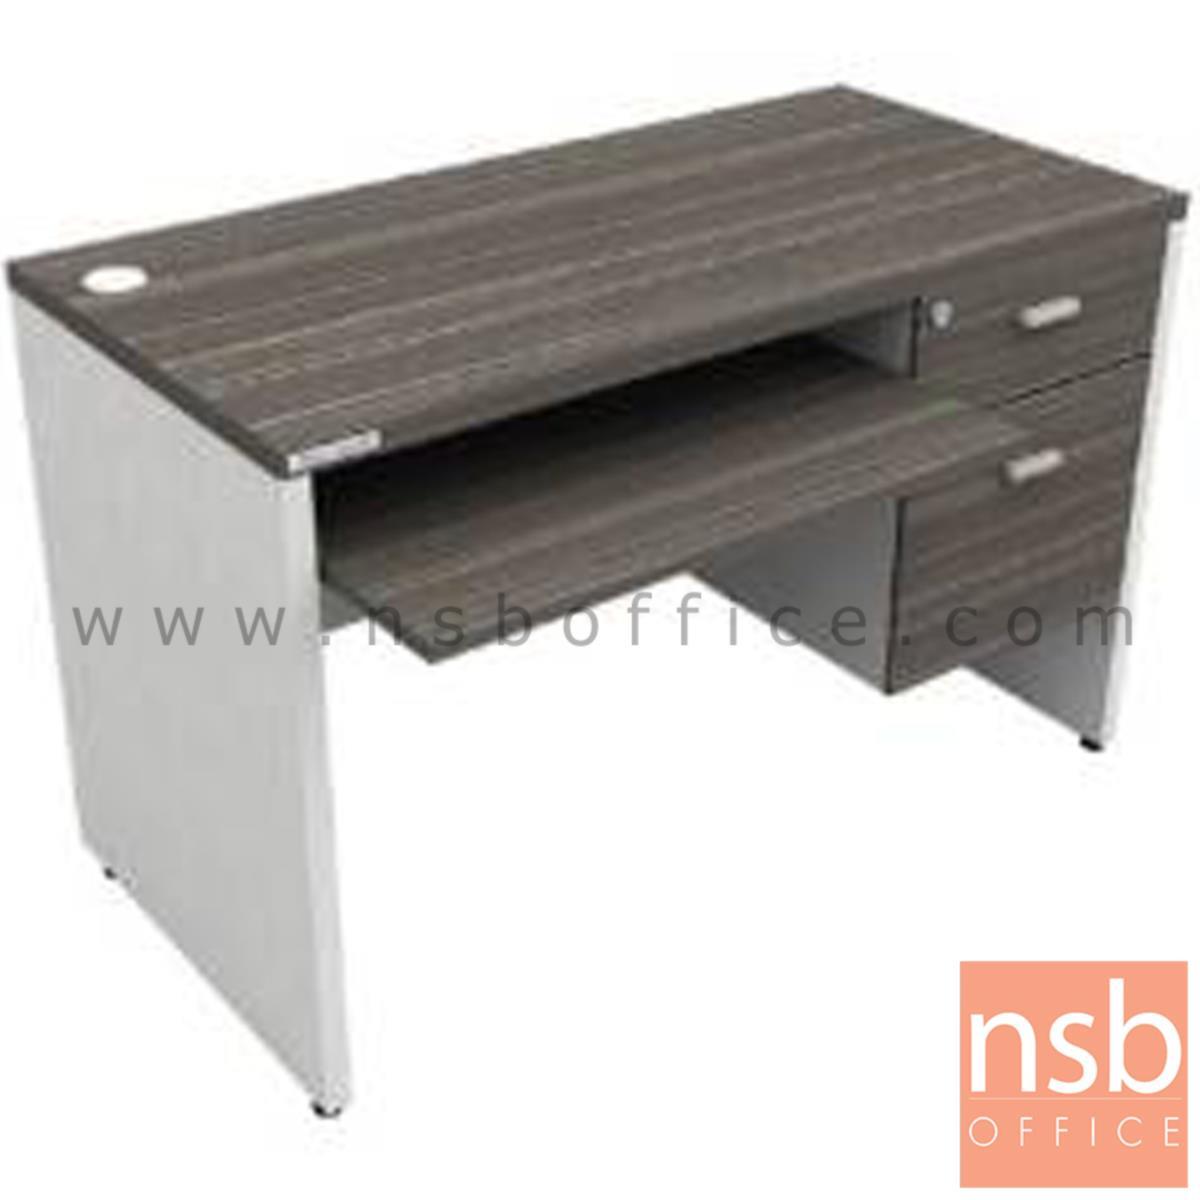 A13A203:โต๊ะคอมพิวเตอร์ 2 ลิ้นชัก รุ่น BRANDENBURG (บรันเดนบวร์ก) ขนาด 120W cm. พร้อมถาดคีย์บอร์ด